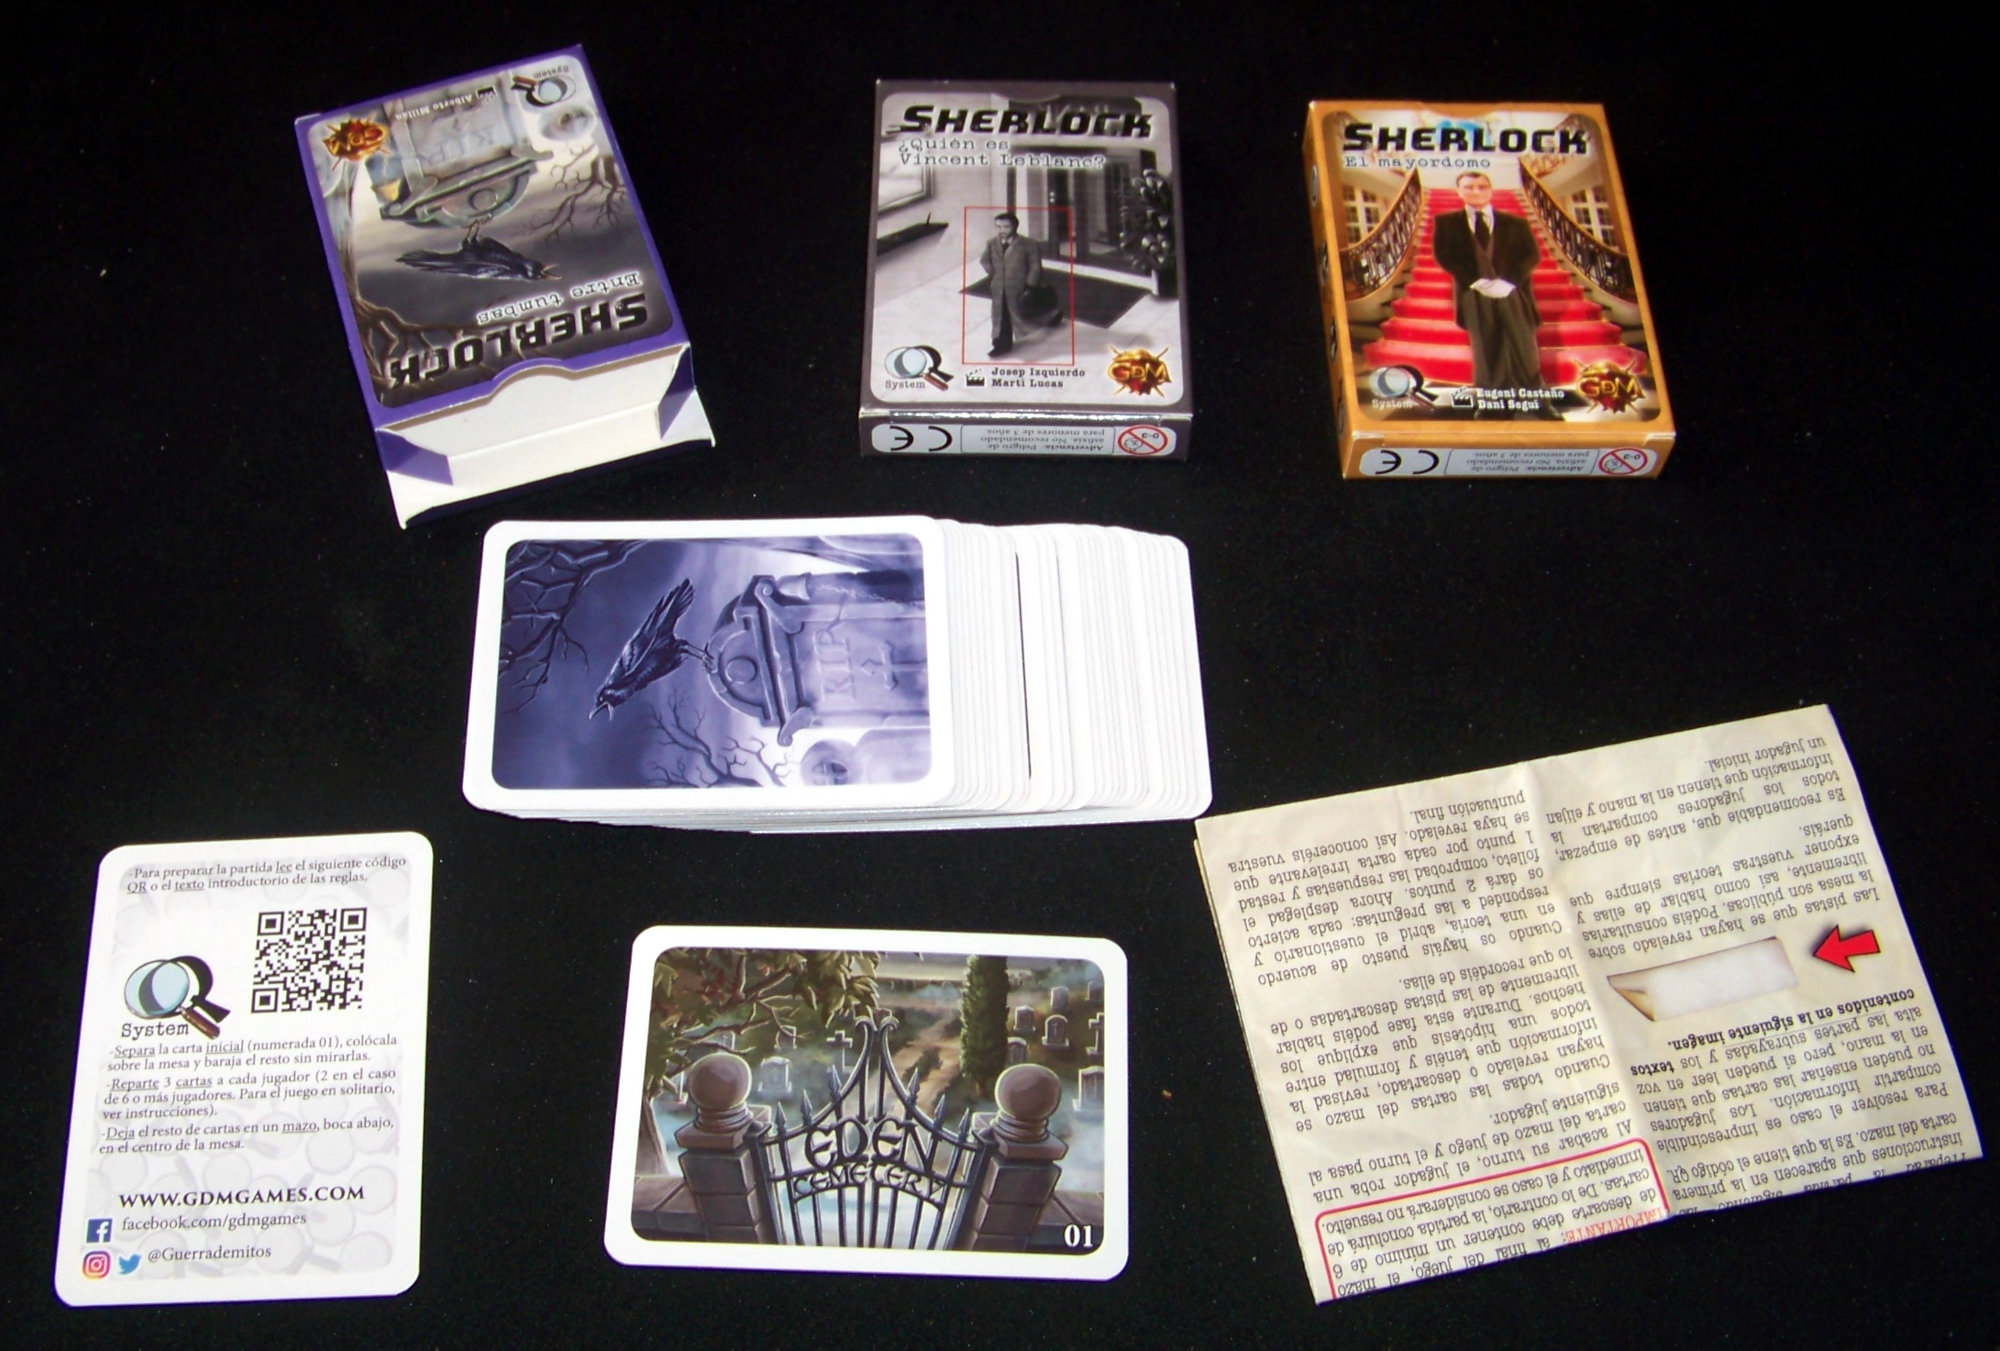 Sherlock / Q system - contenido del juego de mesa